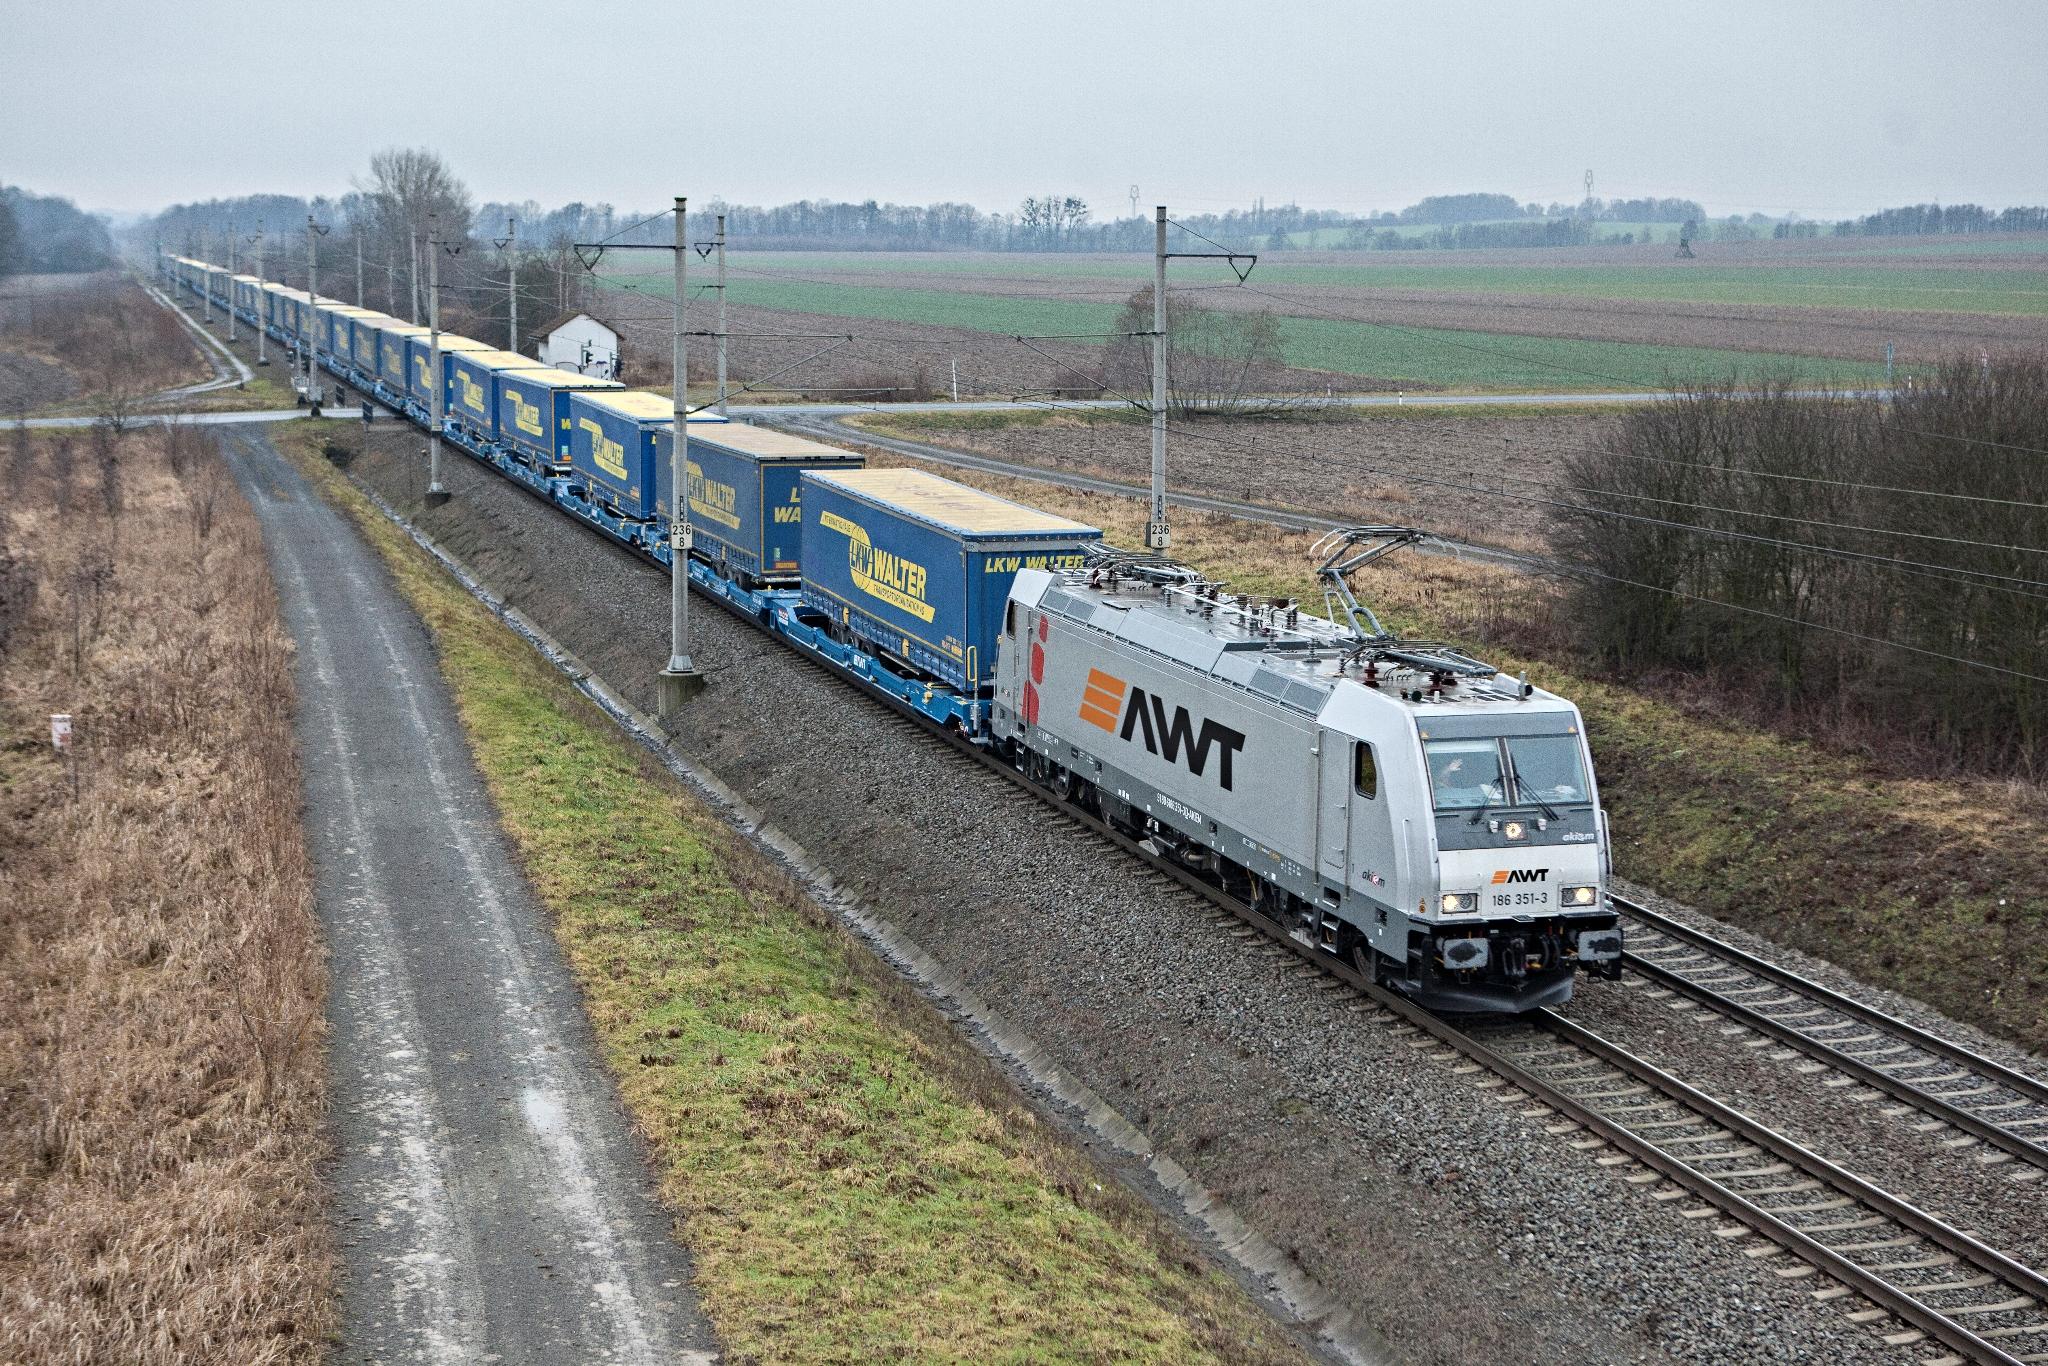 Nákladní vlak společnosti AWT s návěsy LKW Walter mezi terminály Herne a Paskov u Hladkých Životic. Foto: Tomáš Kuchta.